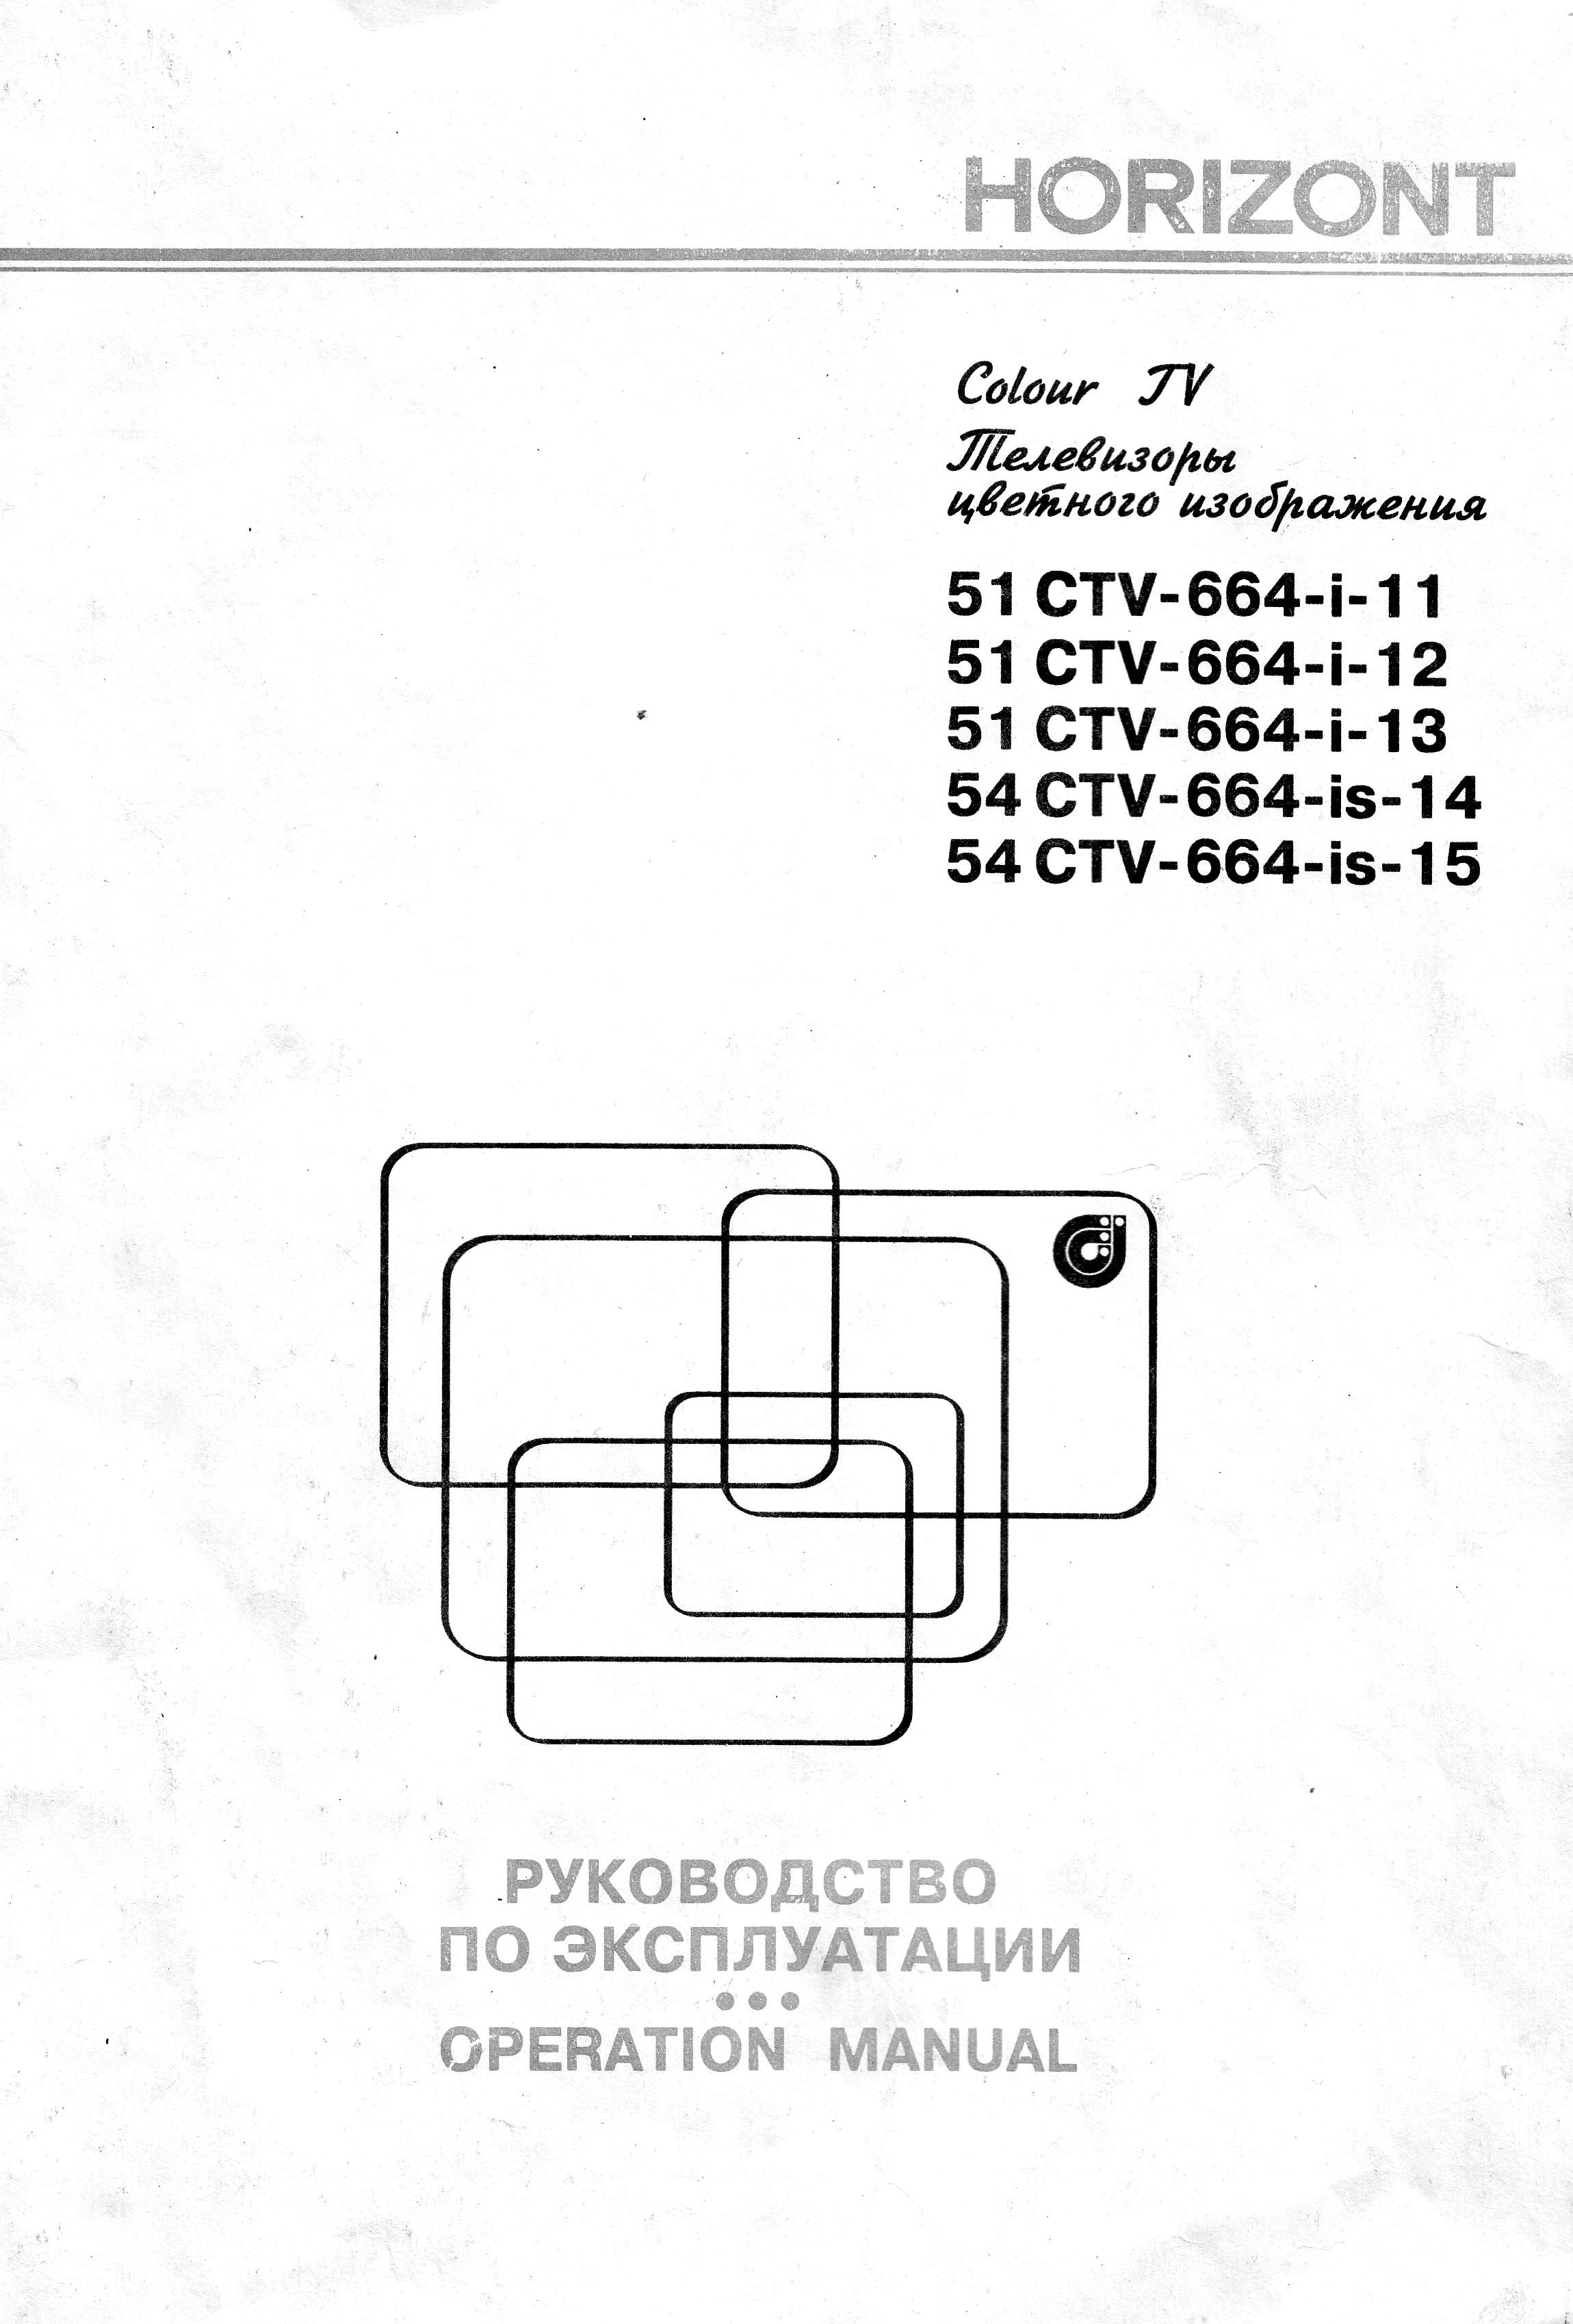 горизонт 54ctv-664-1-15 схема